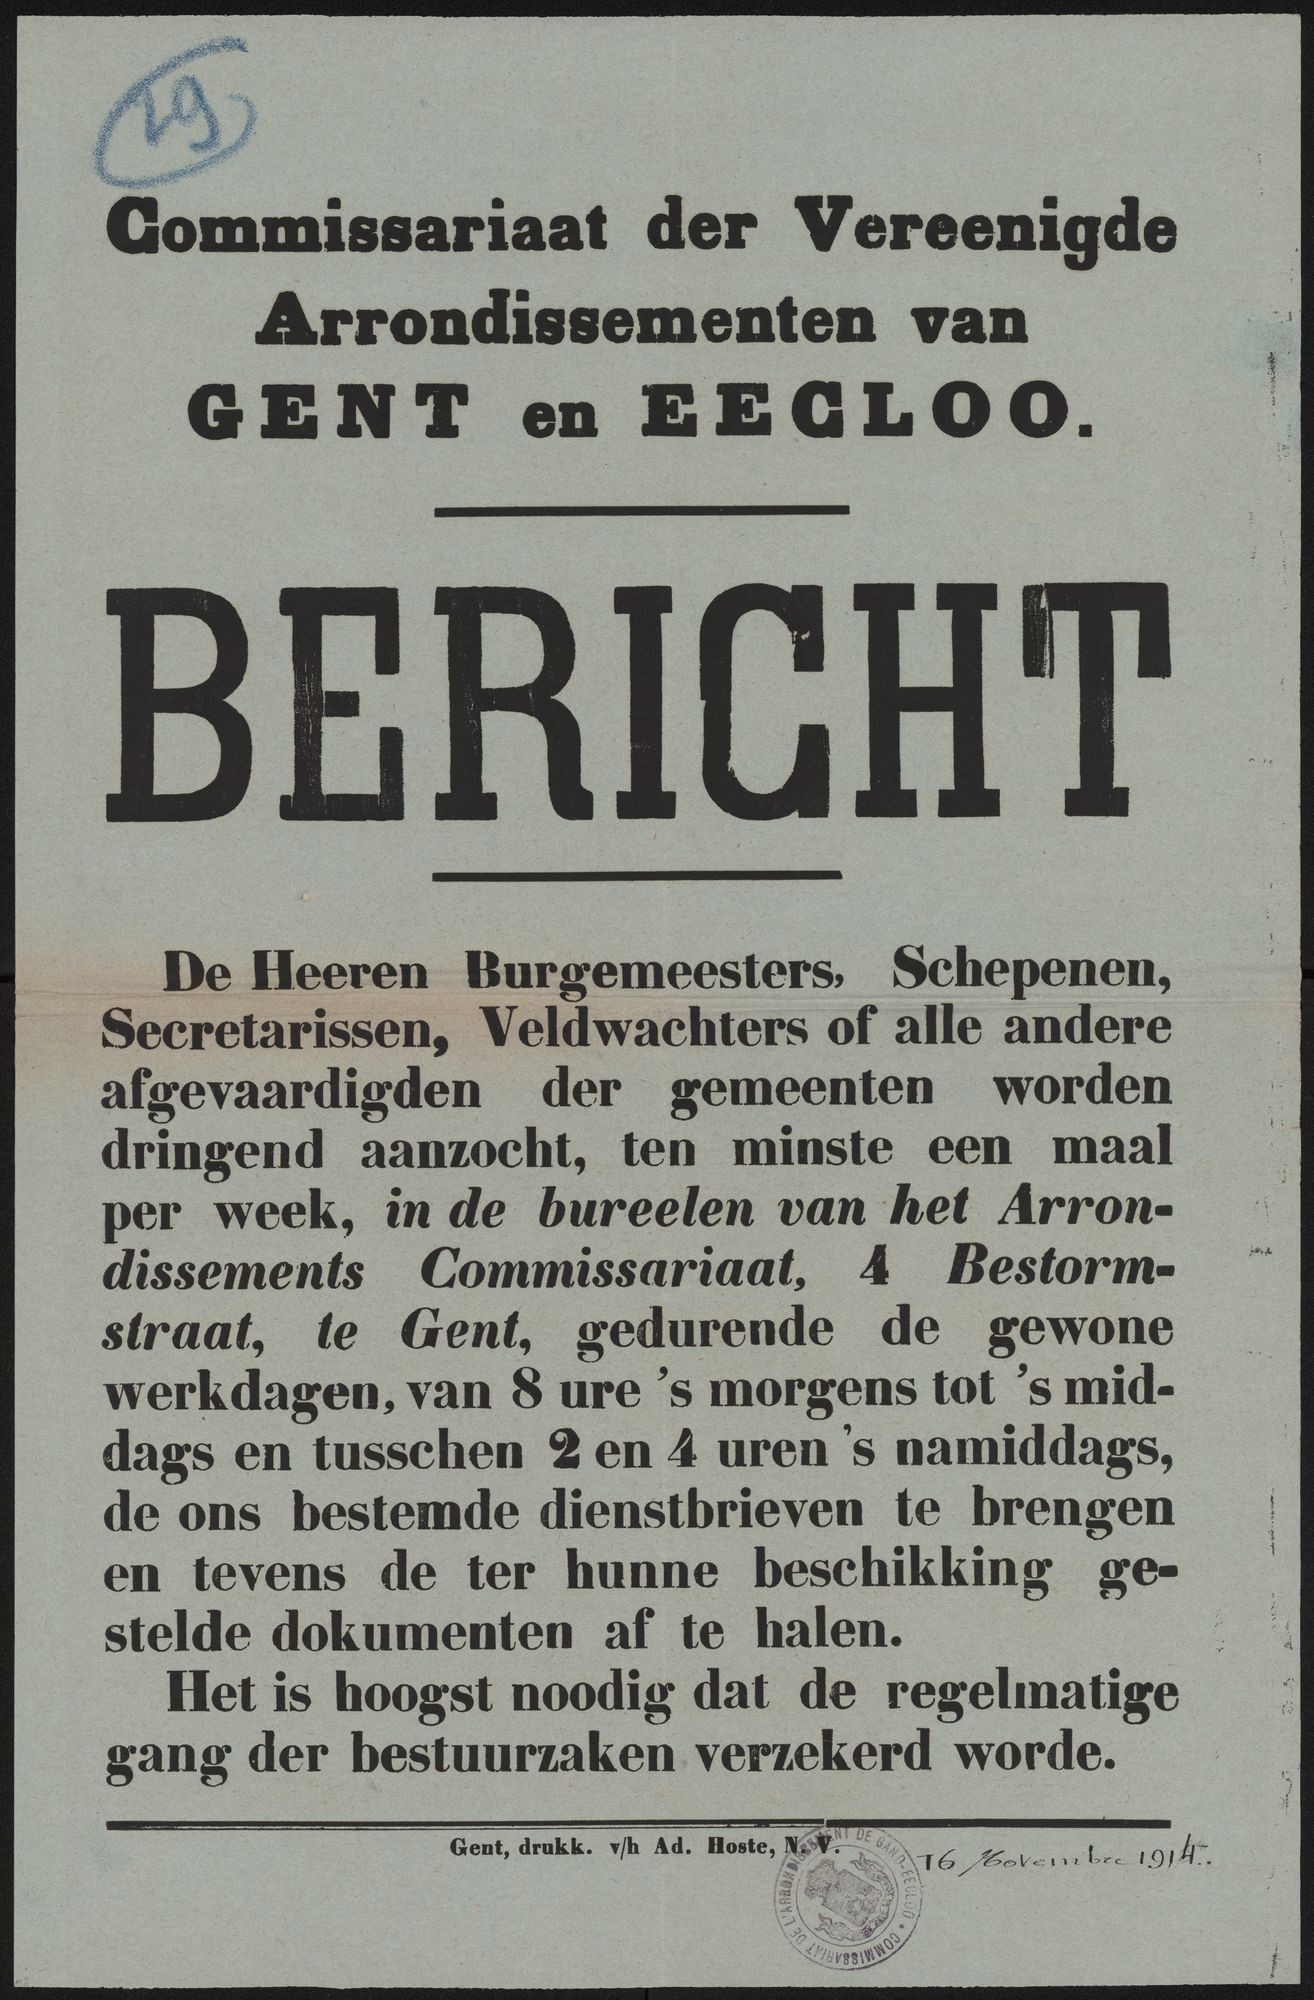 Commissariaat der Vereenigde Arrondissementen van Gent en Eecloo, Bericht.